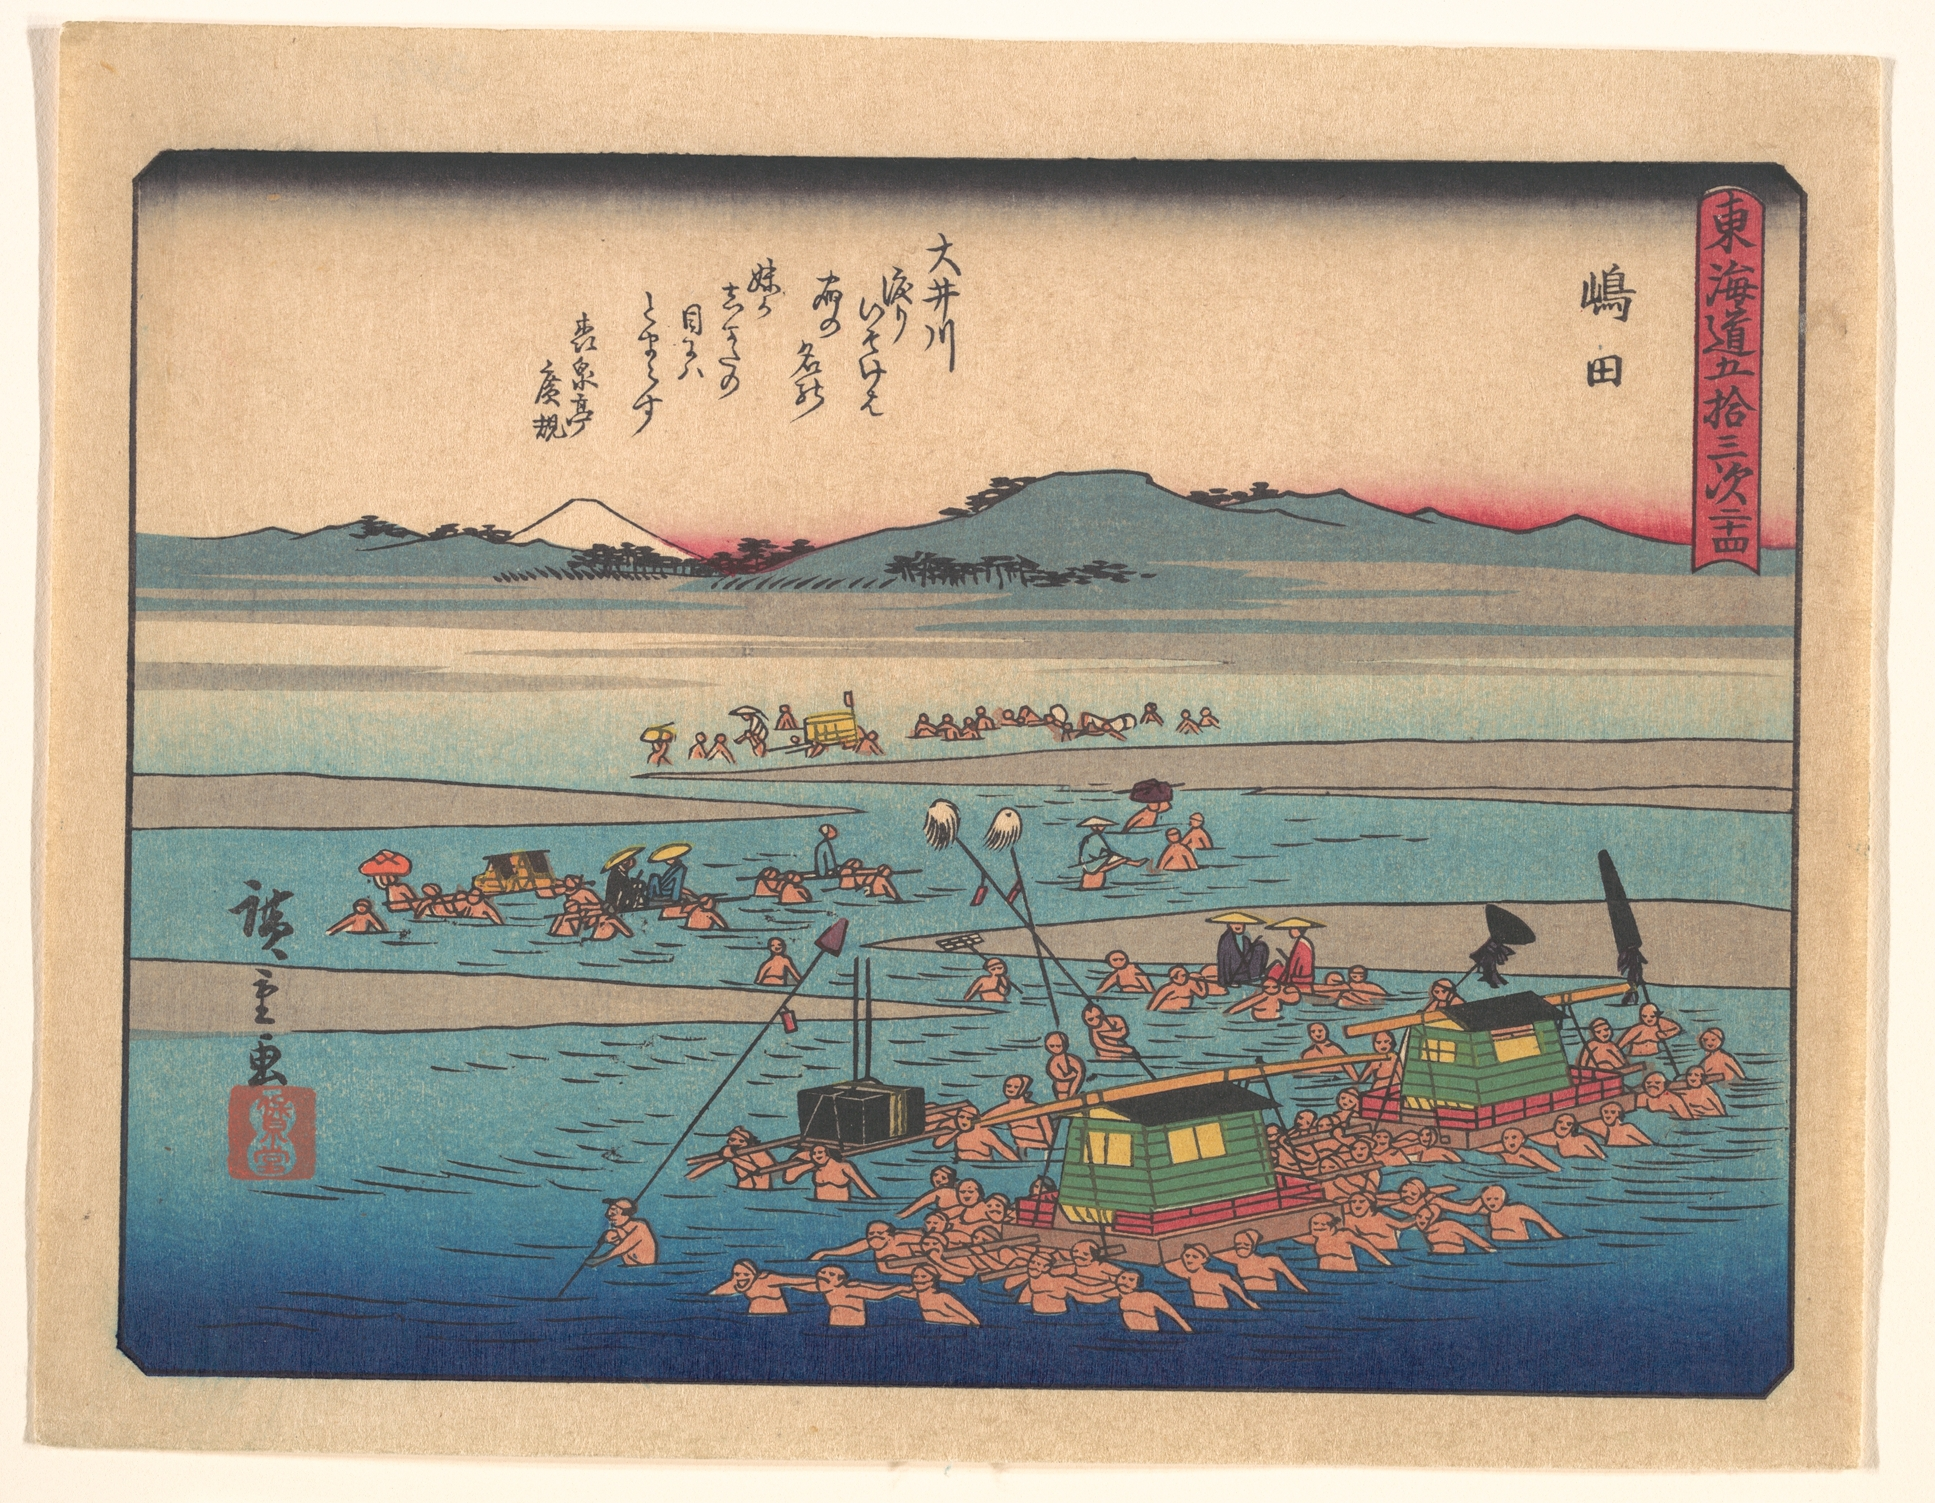 歌川広重の画像 p1_33